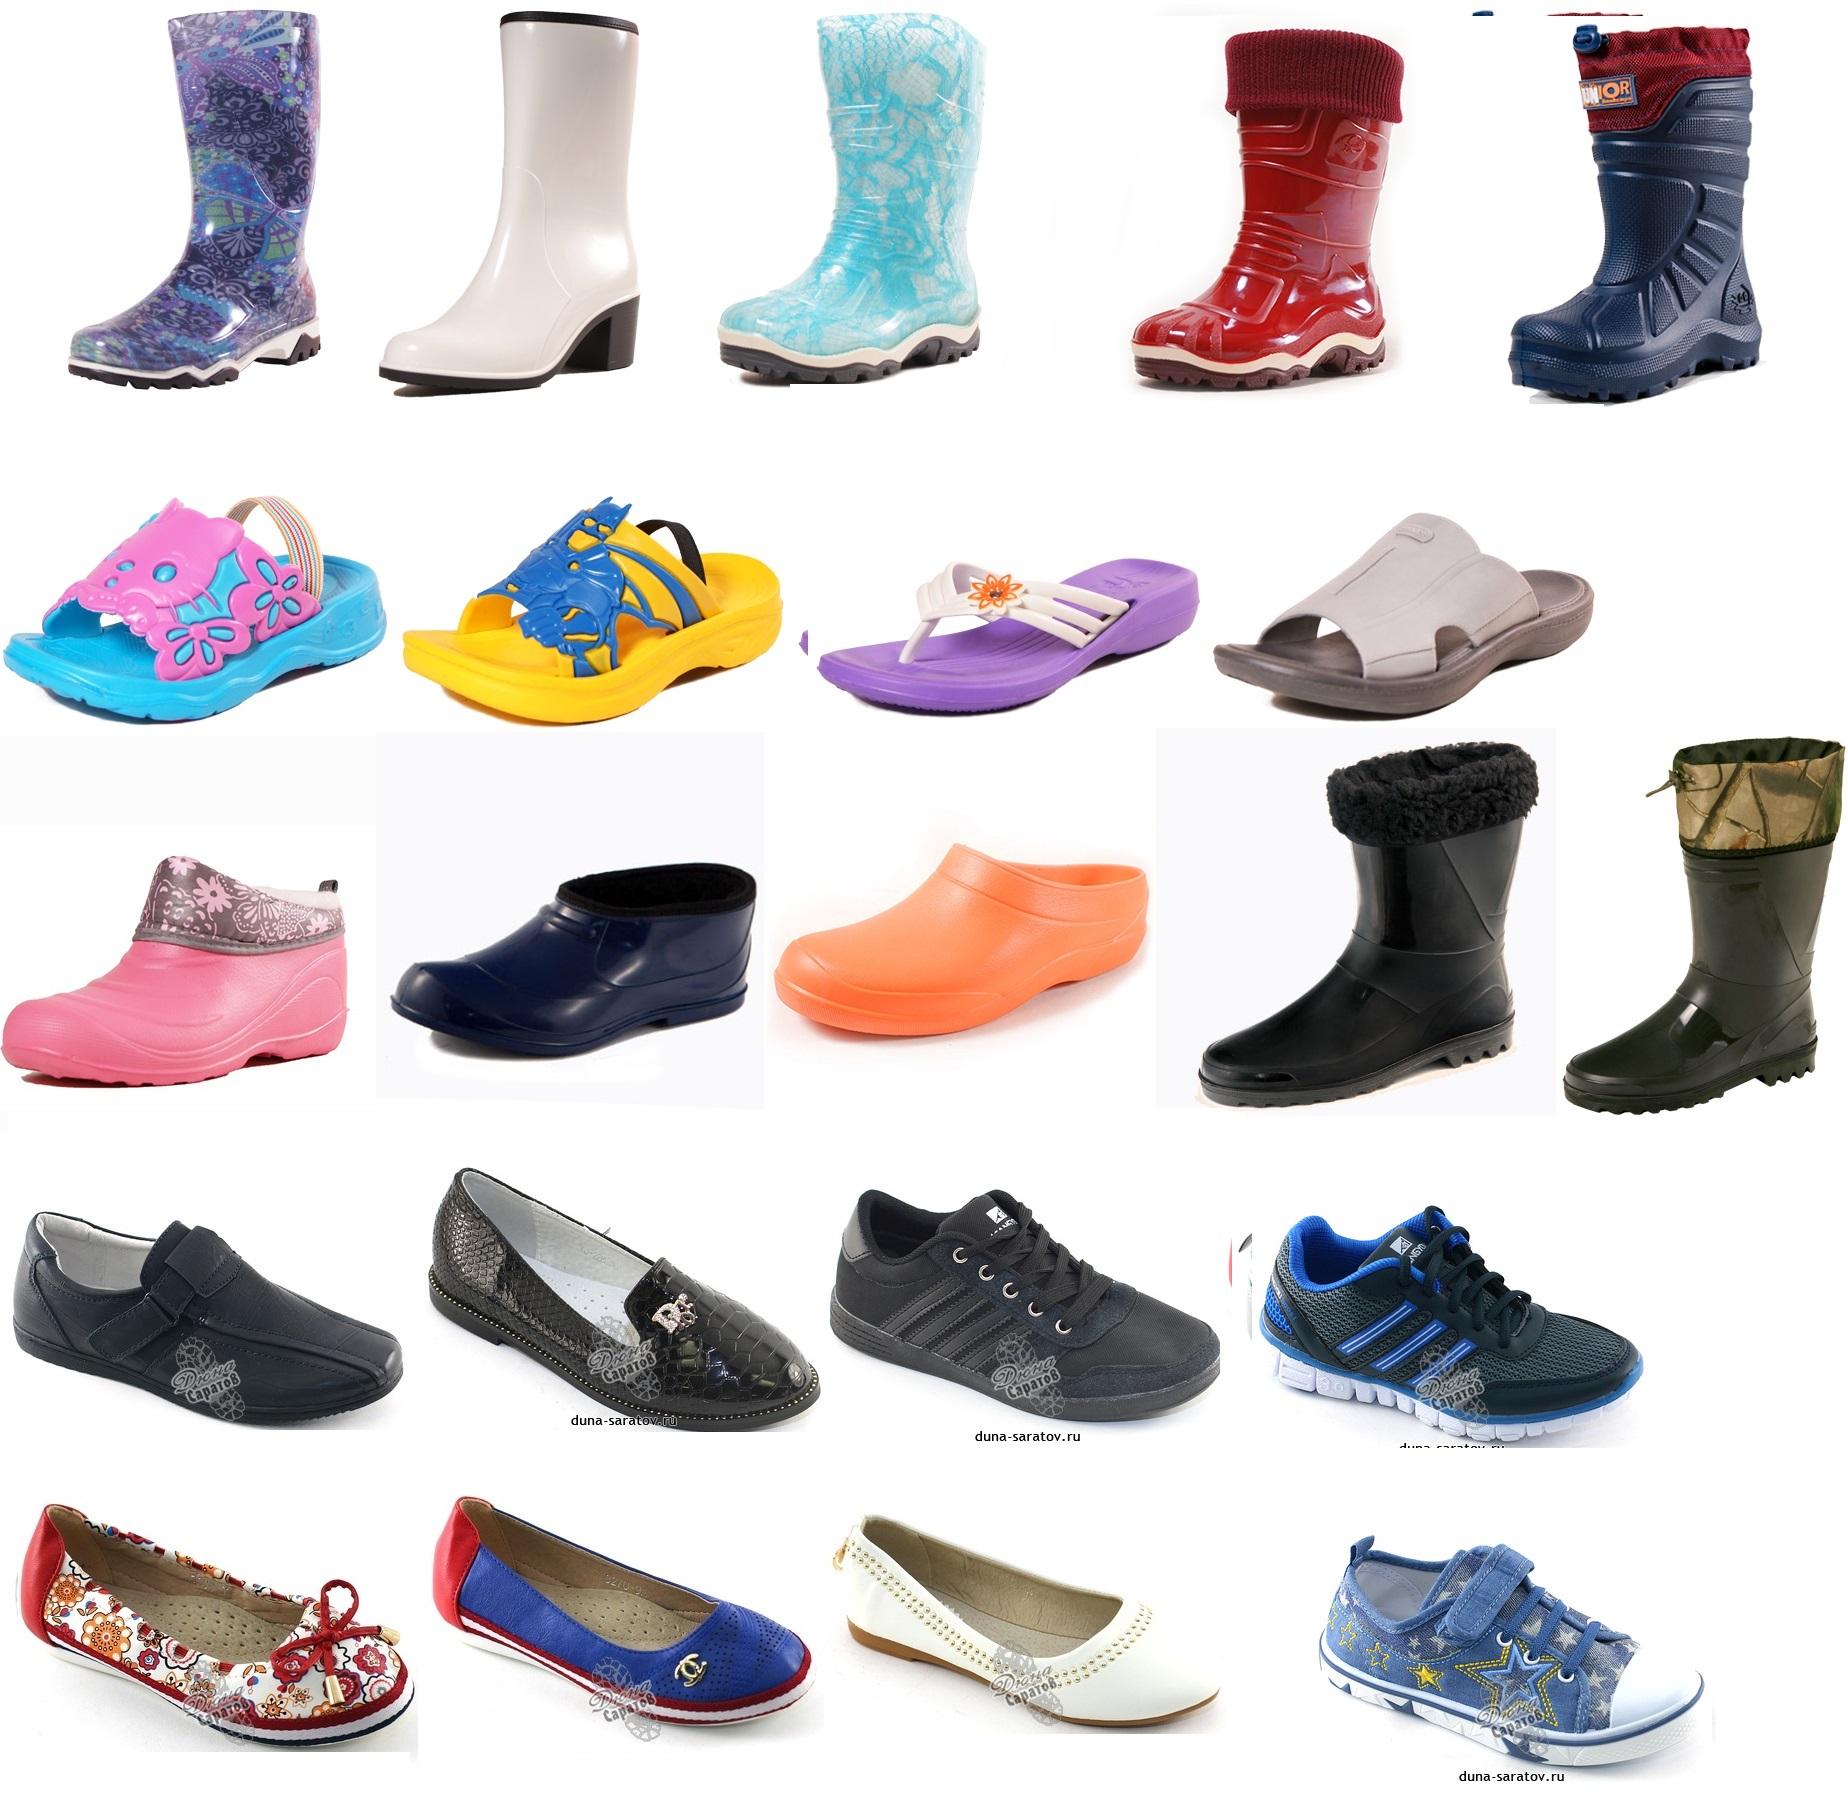 Сапоги, галоши, сланцы, дутики. Обувь ПВХ, ЭВА - для всей семьи 6. Низкие цены!